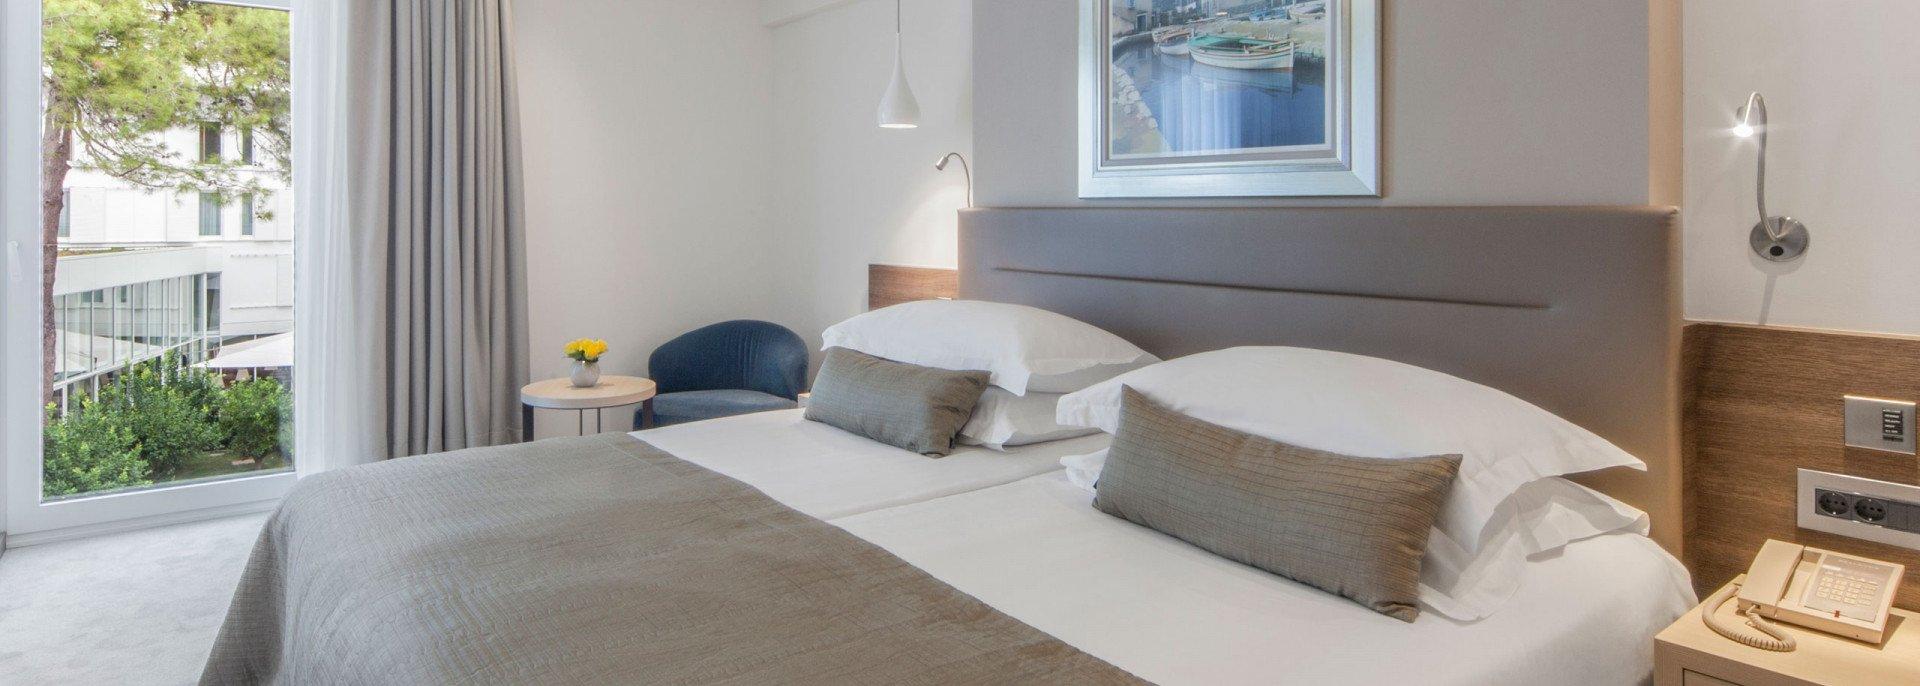 https://www.losinj-hotels.com/assets/Bellevue/Rooms-Suites/_resampled/CroppedFocusedImageWyIxOTIwIiwiNjg2IiwieSIsMjU3XQ/atrij.jpg